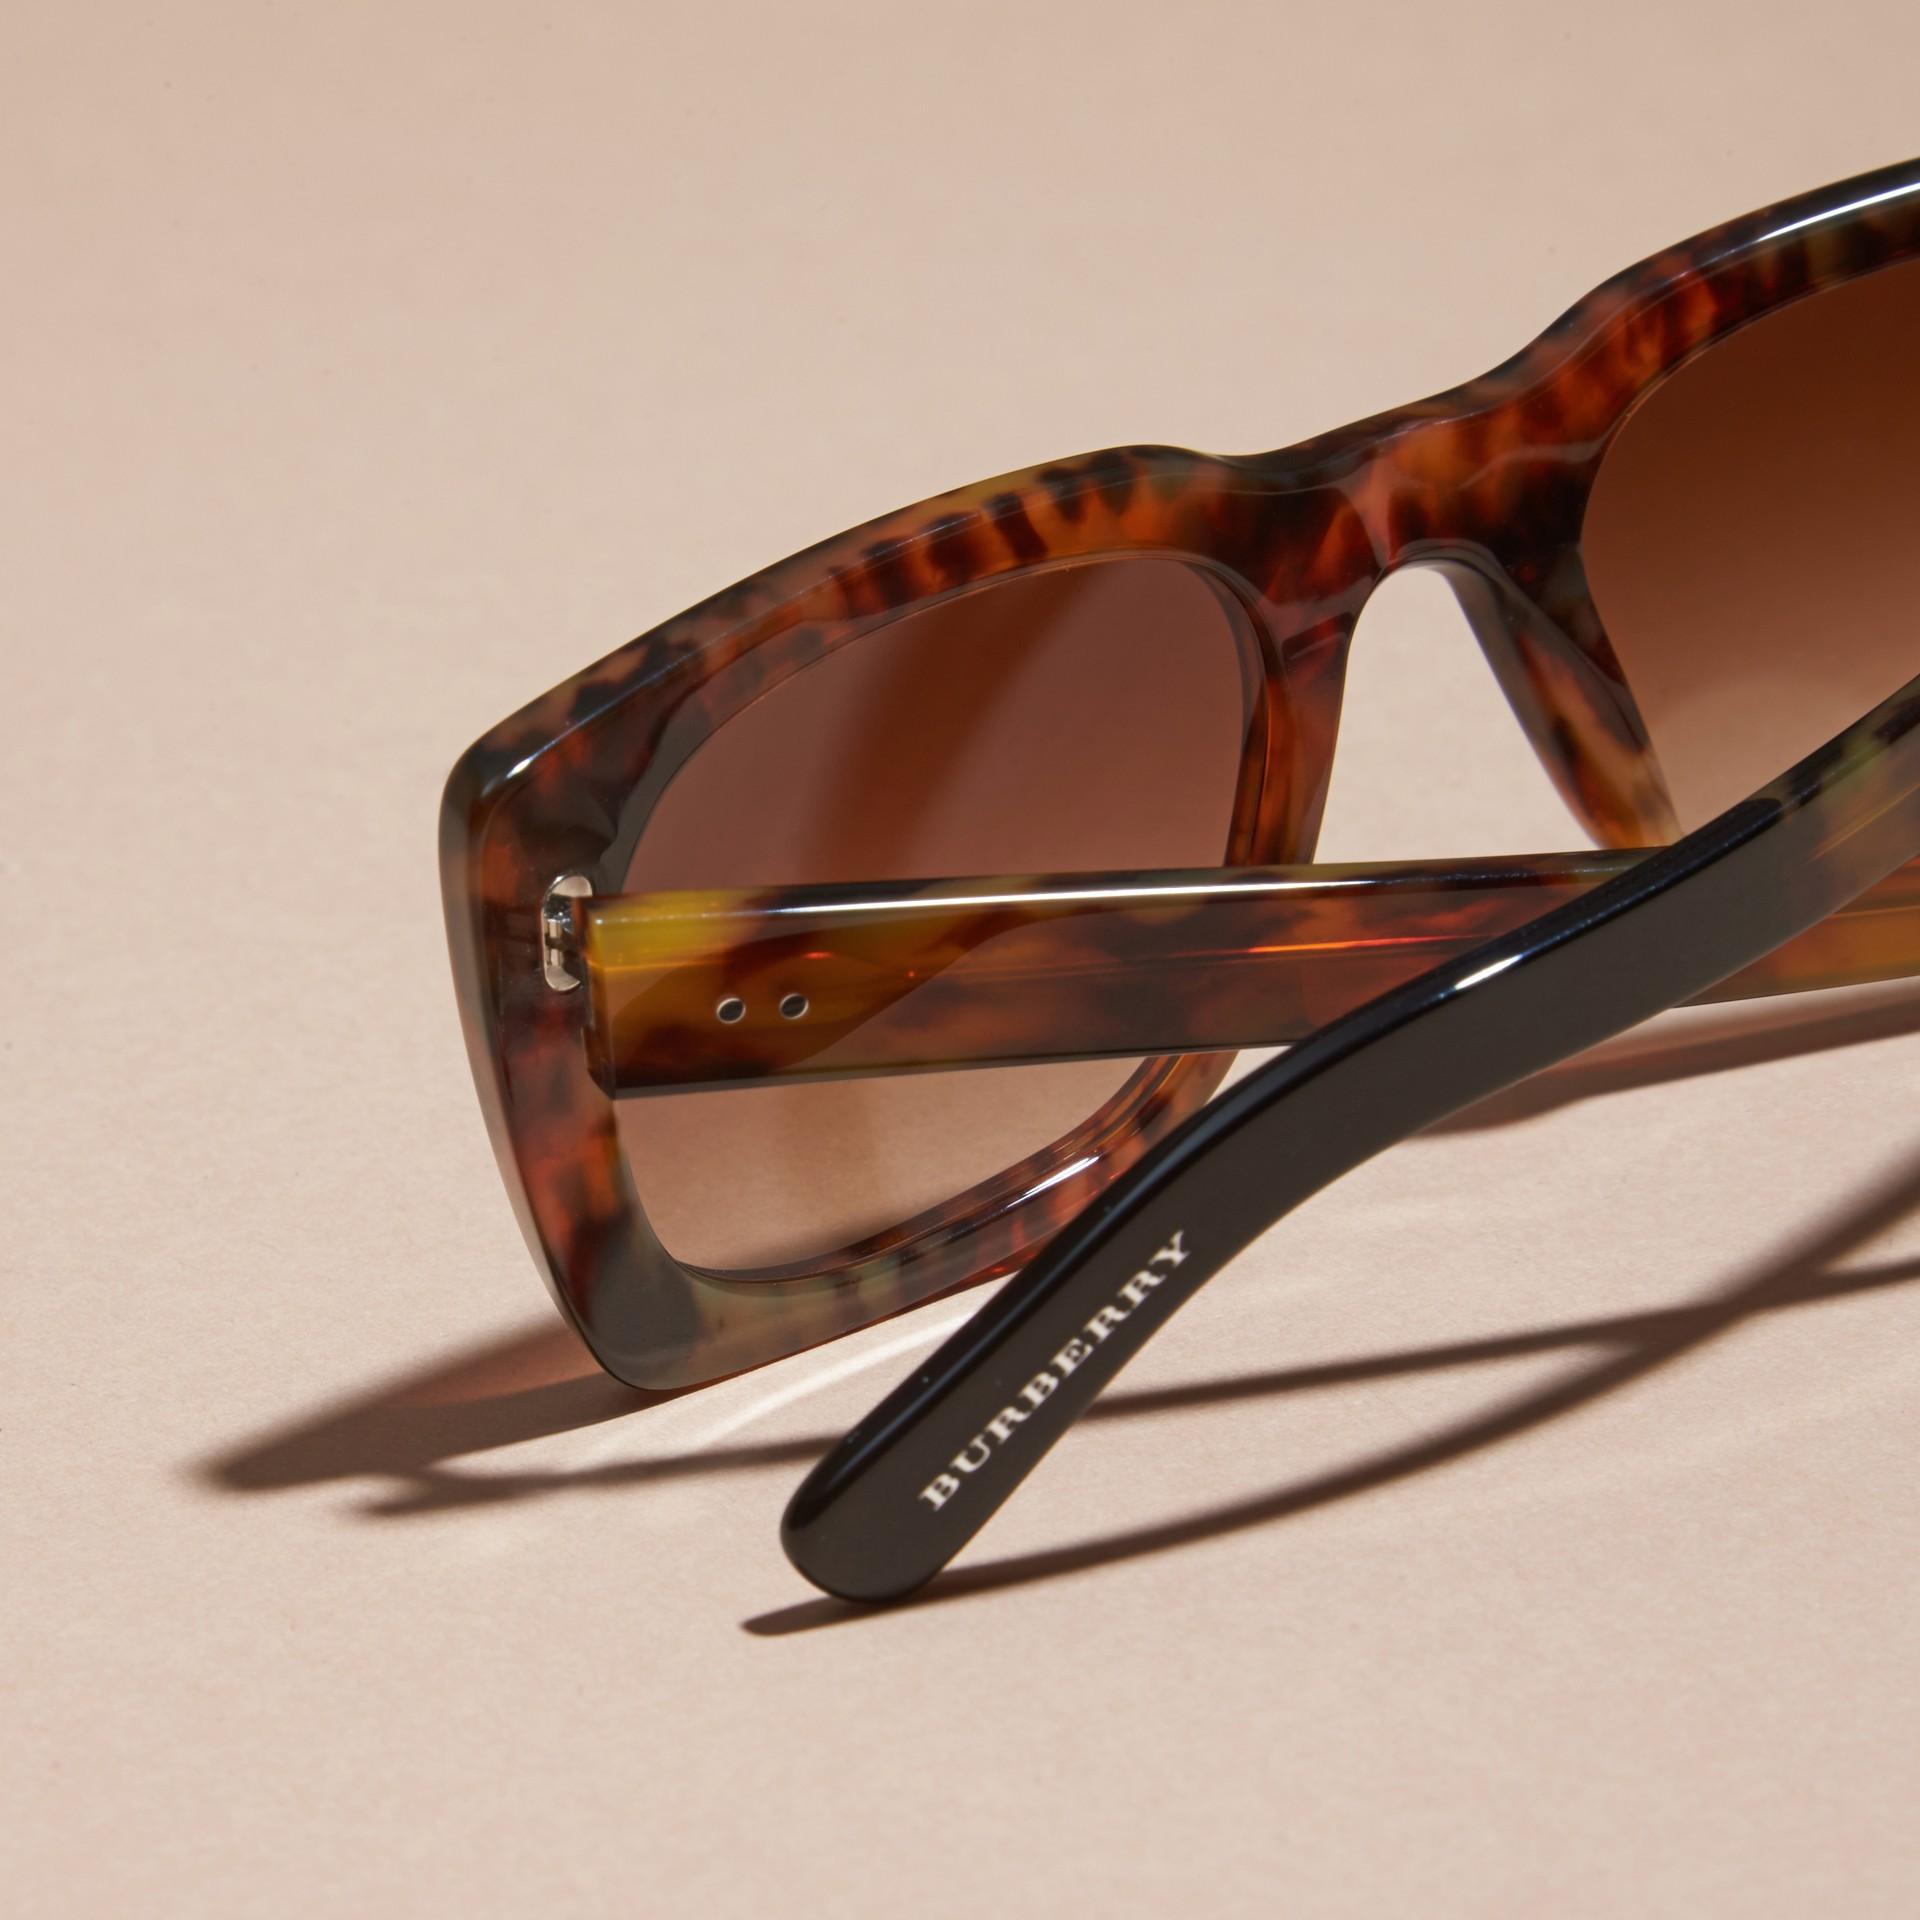 Tortoise shell Square Frame Sunglasses Tortoise Shell - gallery image 4